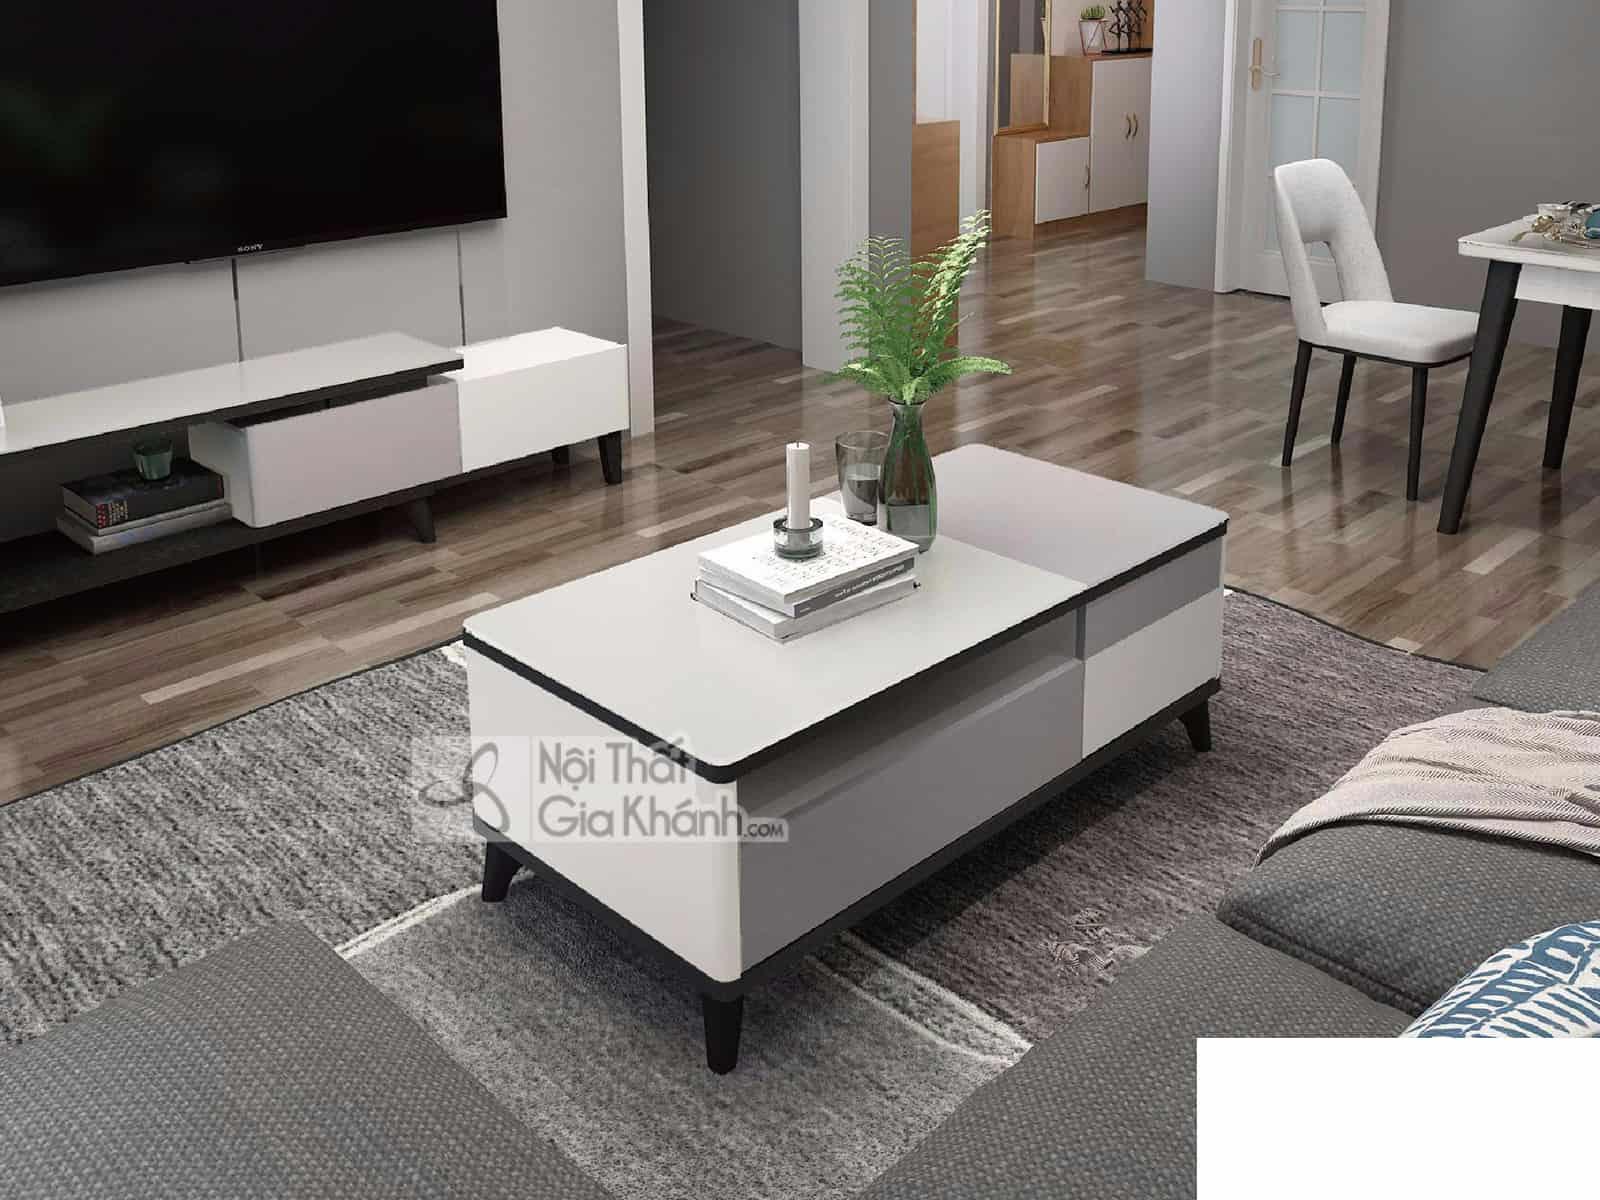 Sofa da góc chữ L cao cấp 3 băng nhập khẩu SF933-3B - ban tra 1m3 mat kinh cuong luc hien dai hc5701 1